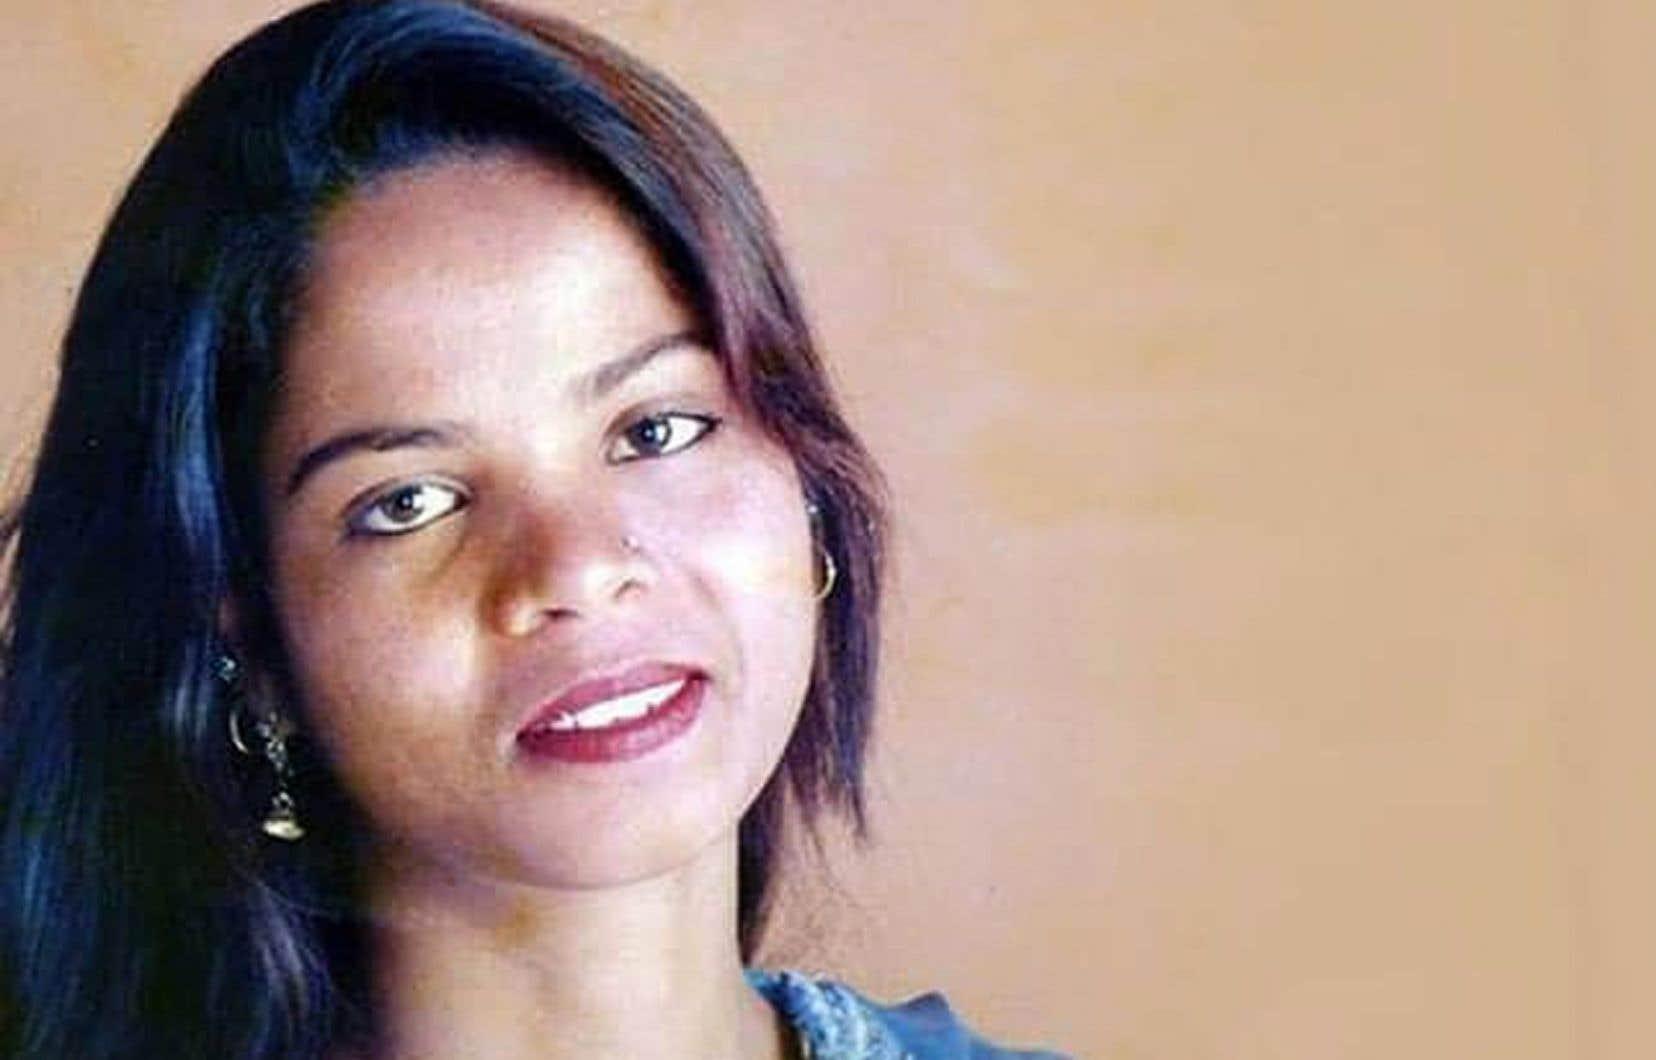 La vie d'Asia Bibi a basculé en 2009, après une dispute avec des villageoises musulmanes au sujet d'un verre d'eau.